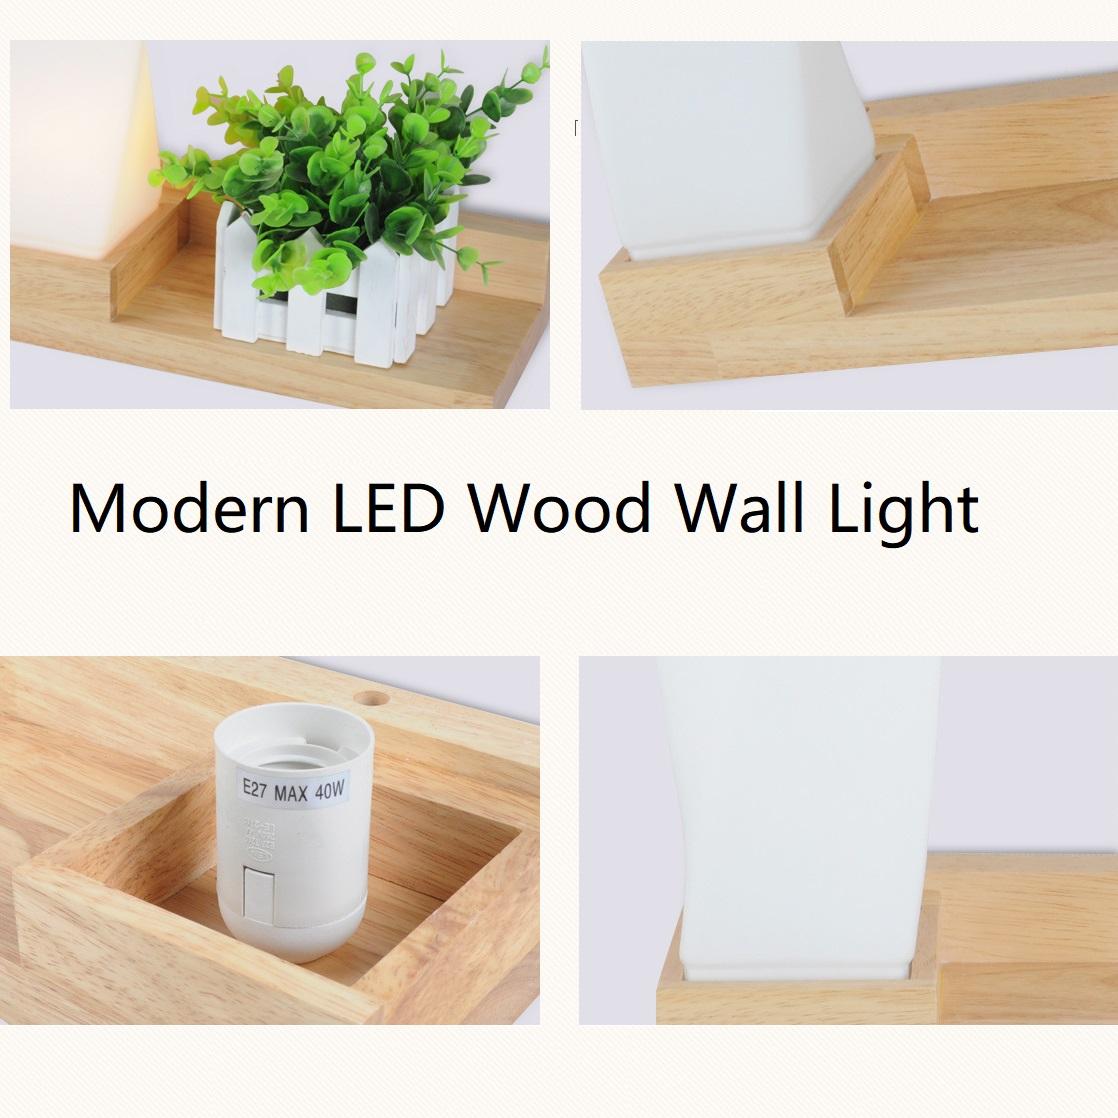 Style moderne En Bois LED Lampe De Chambre Lit De Chevet Mur Lumière Naturel En Bois Massif + Verre Givré Foyer Maison Décoration En Gros Dropship